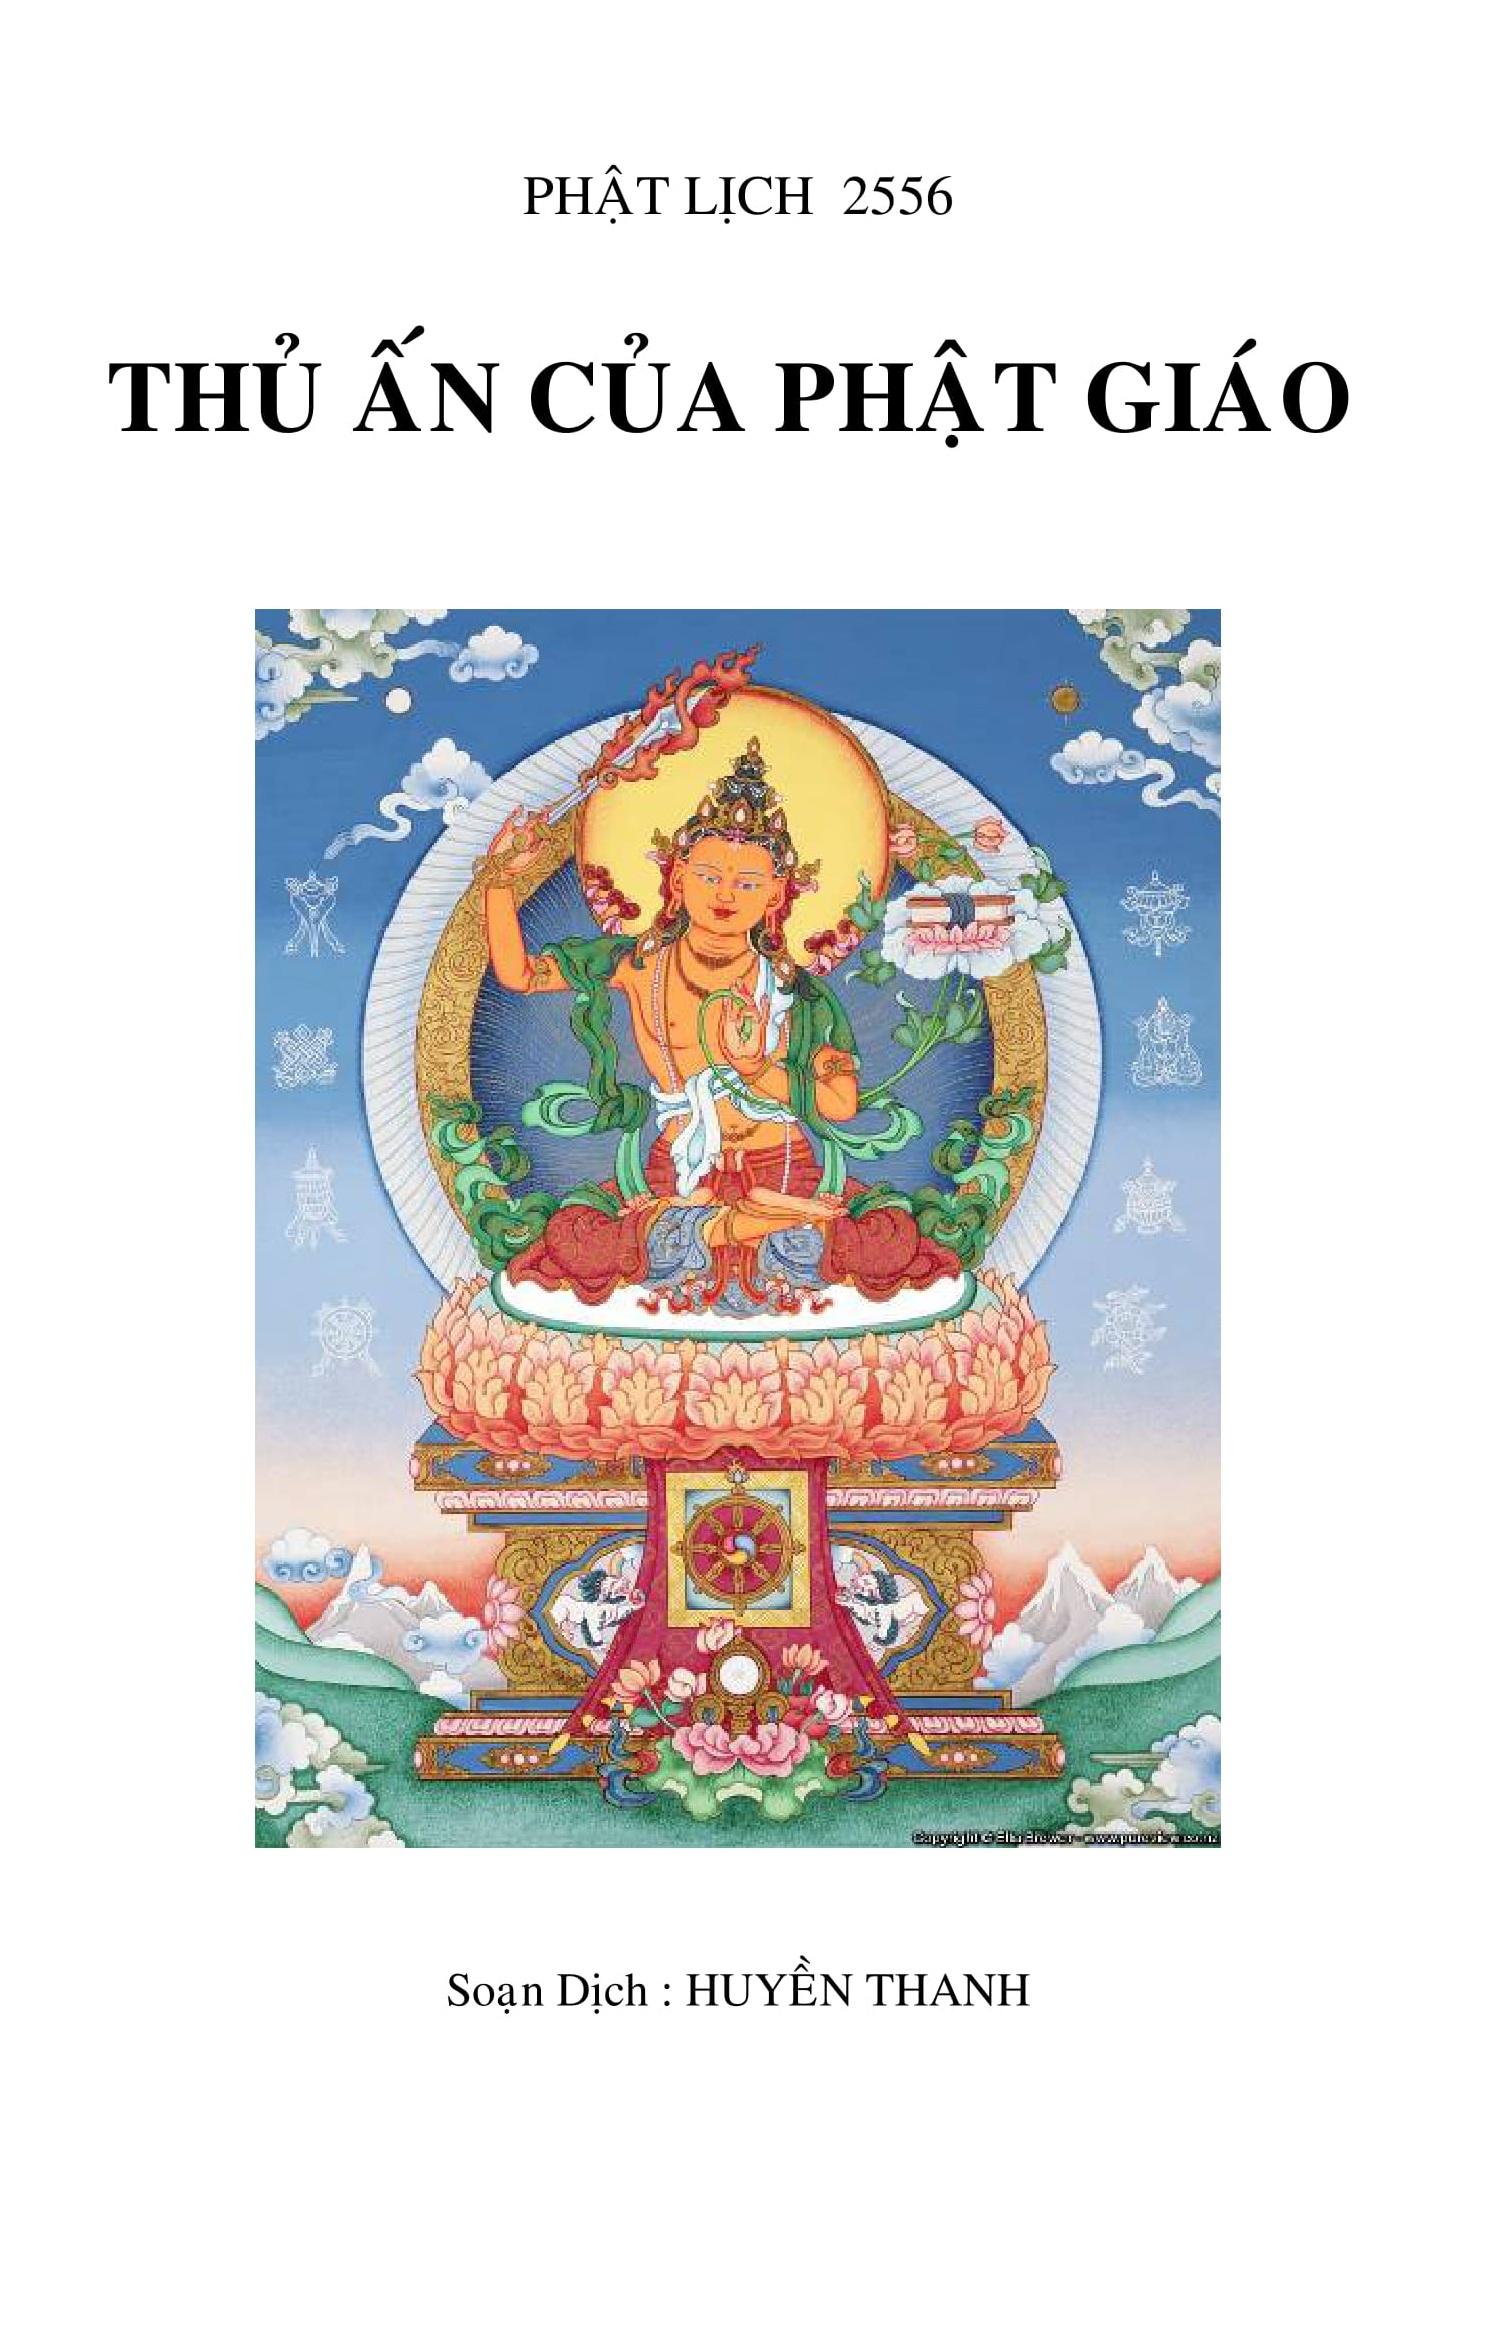 Thủ Ấn Của Phật Giáo